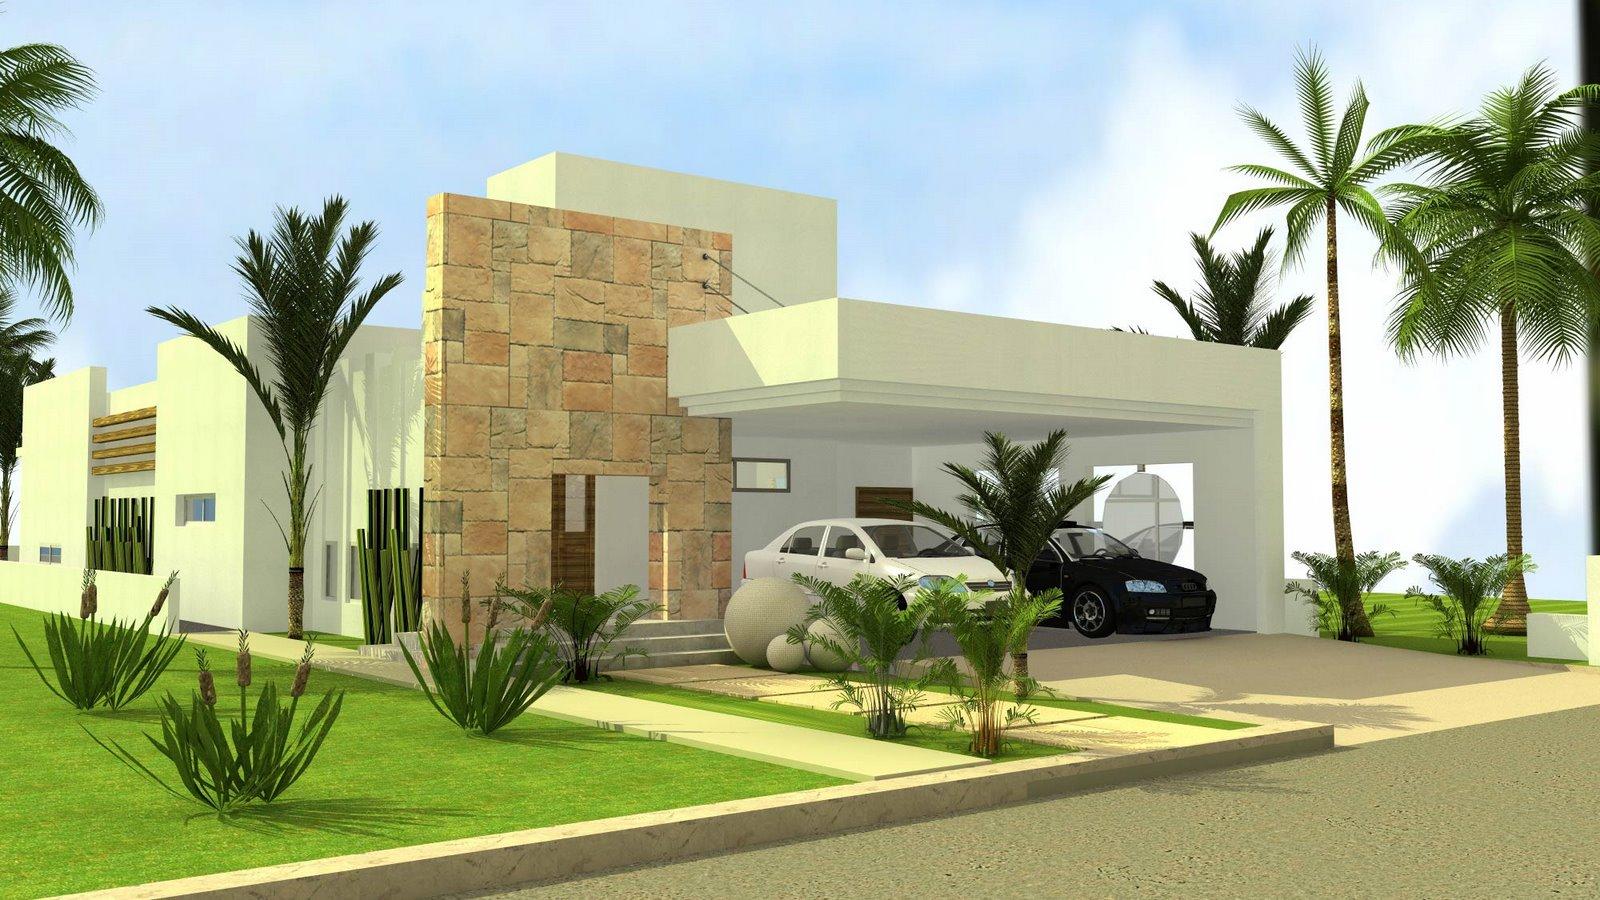 contoh gambar rumah sederhana Info Bisnis Properti 1600x900